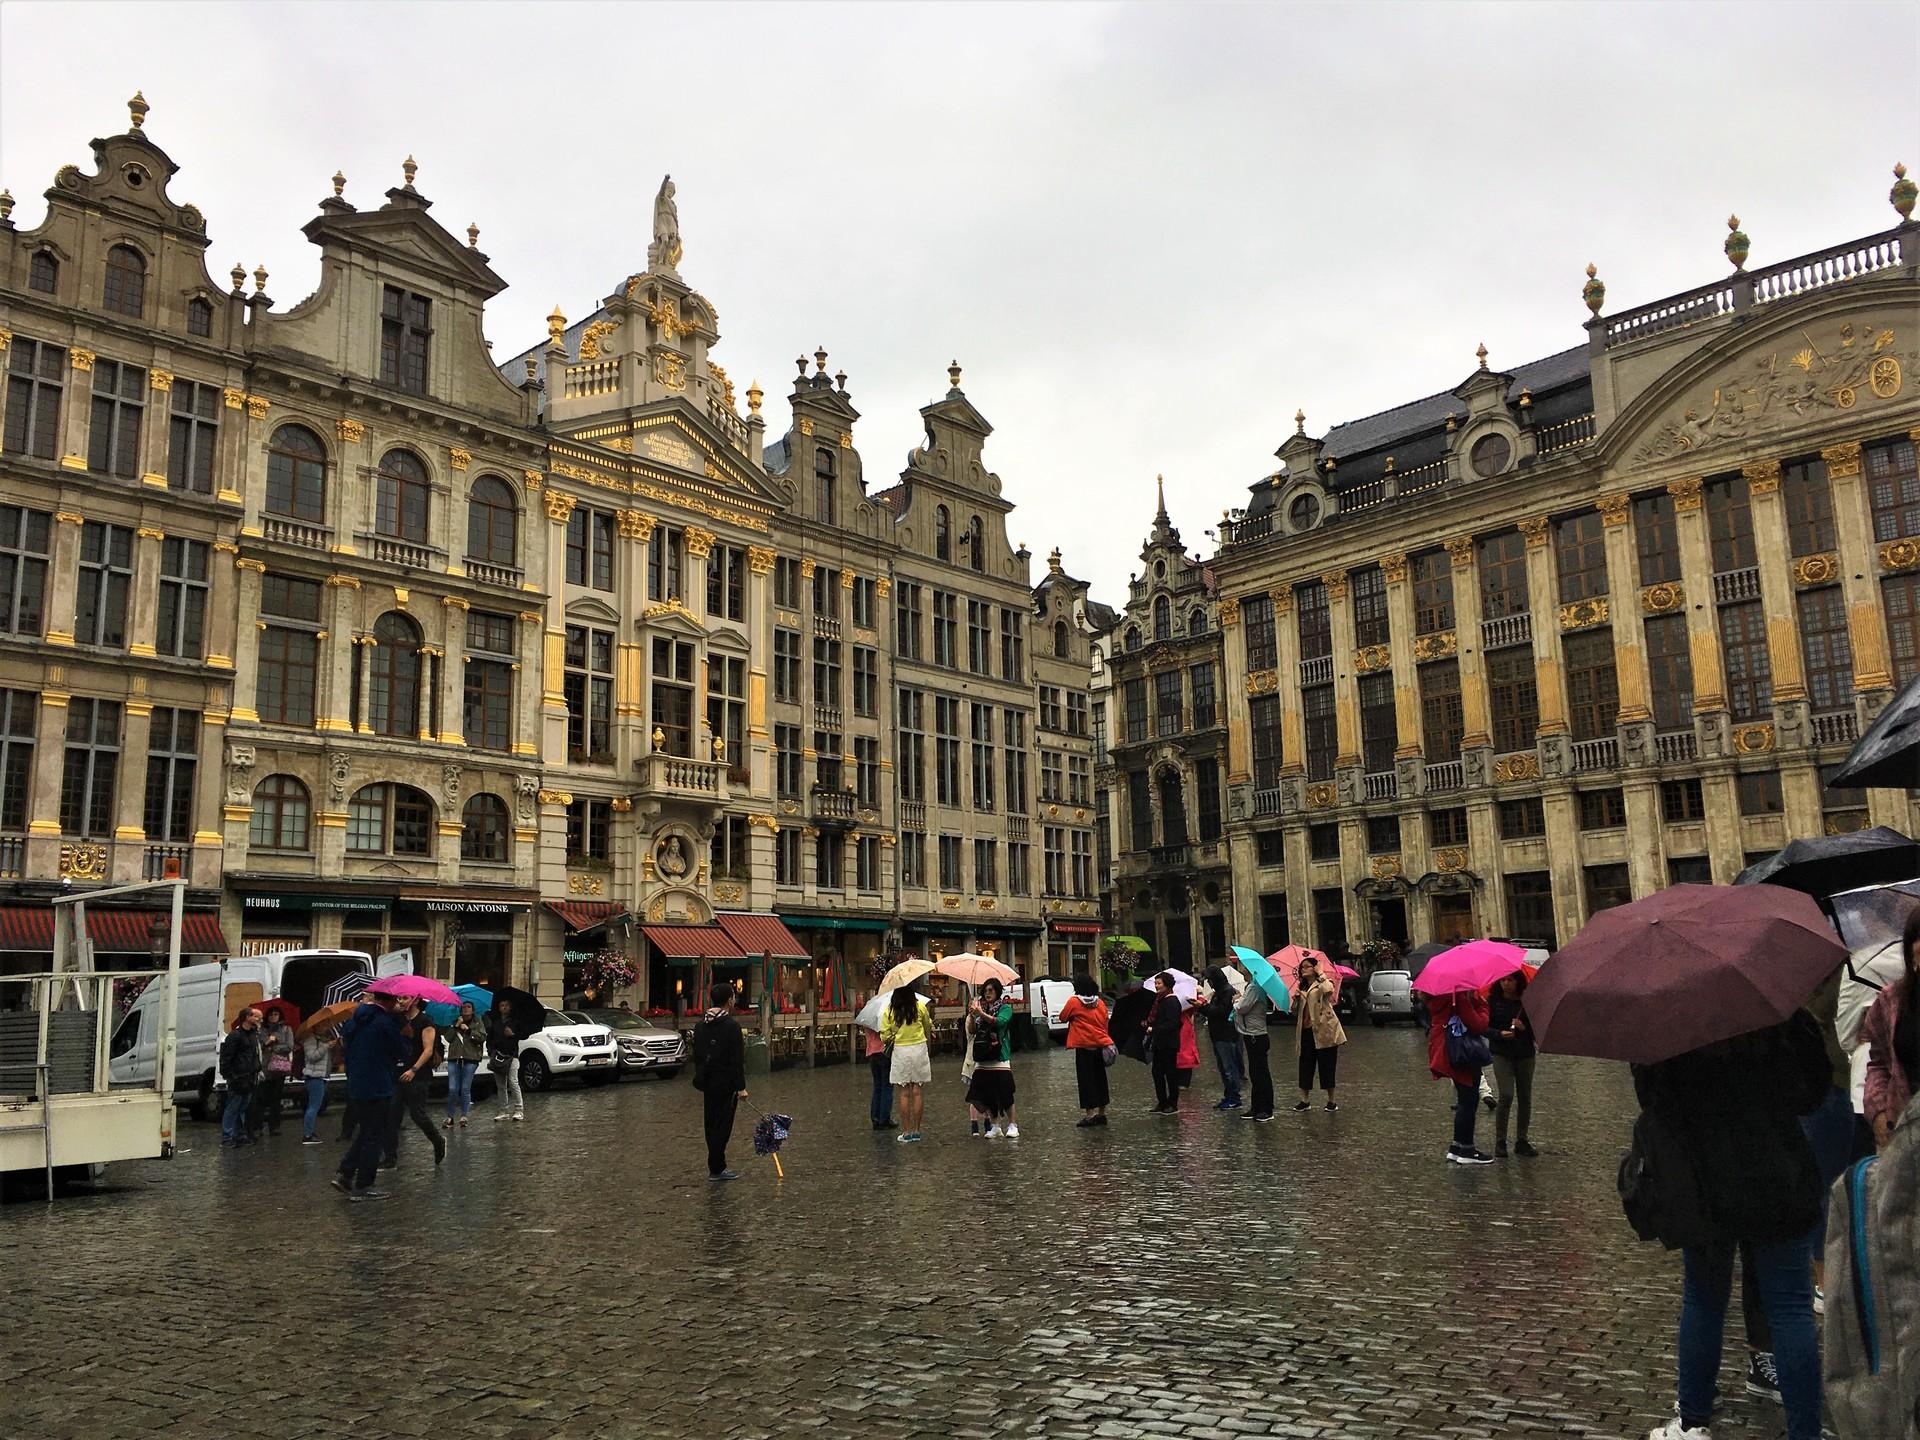 Bruxelles: da sconosciuta a familiare.